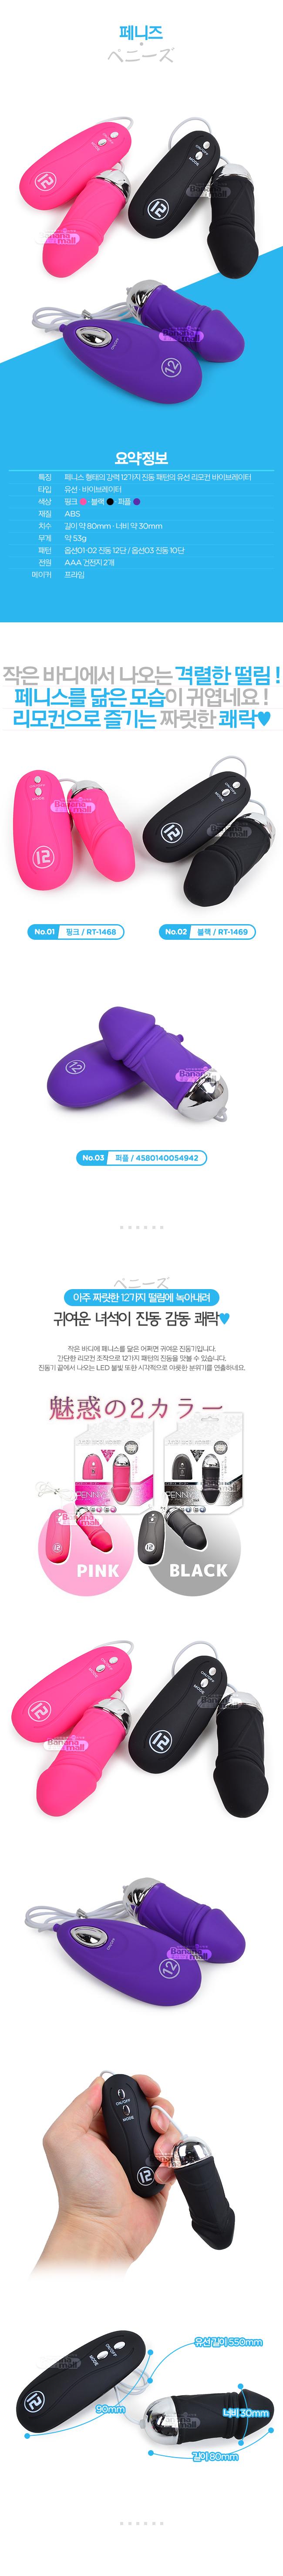 [일본 직수입] 페니즈(ペニーズ)